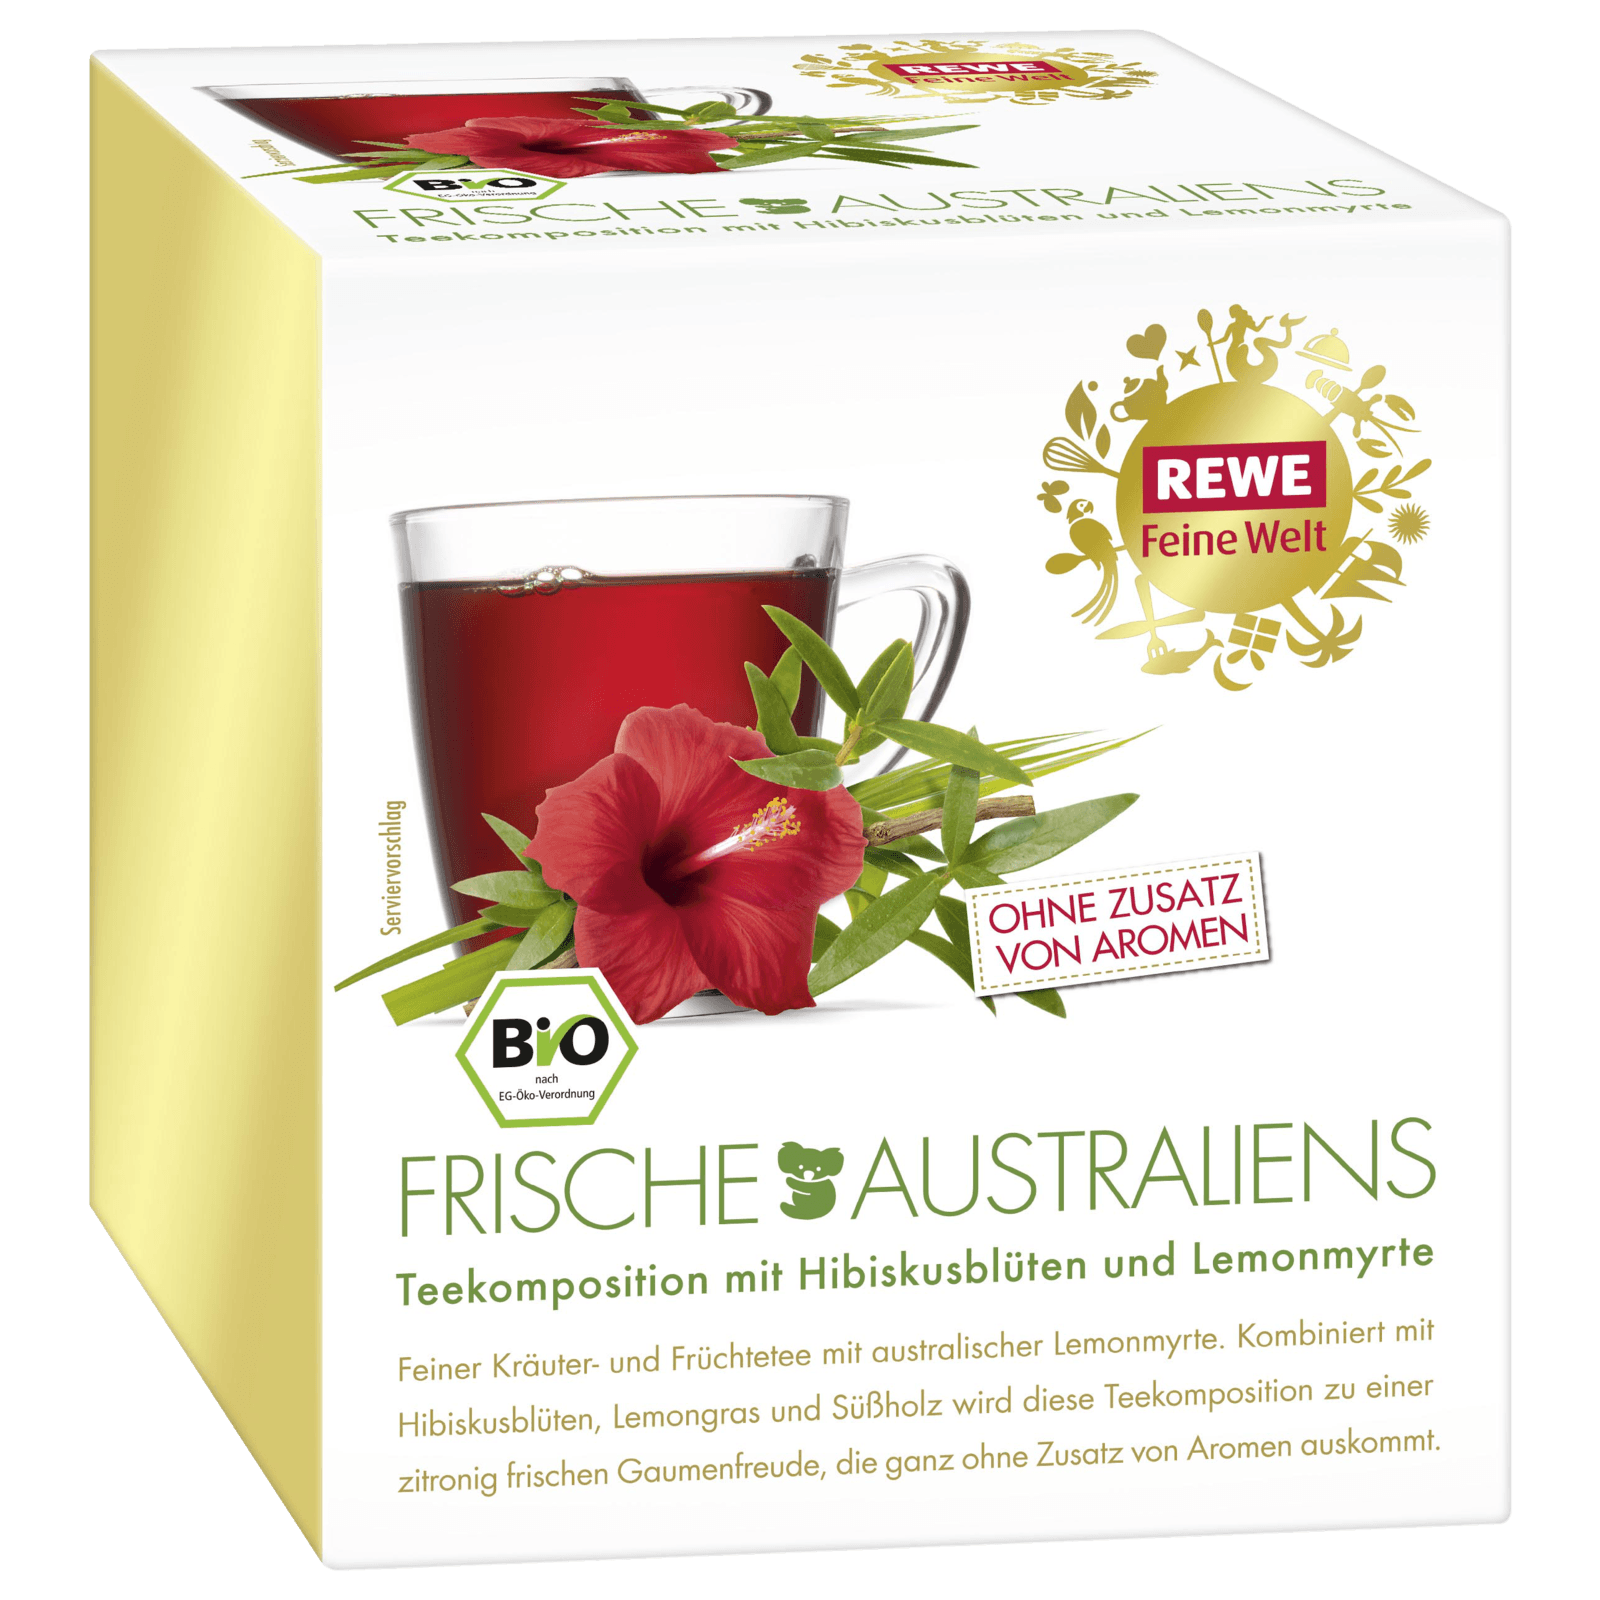 Gemütlich Coolsten Küchenhelfer 2013 Bilder - Küchenschrank Ideen ...